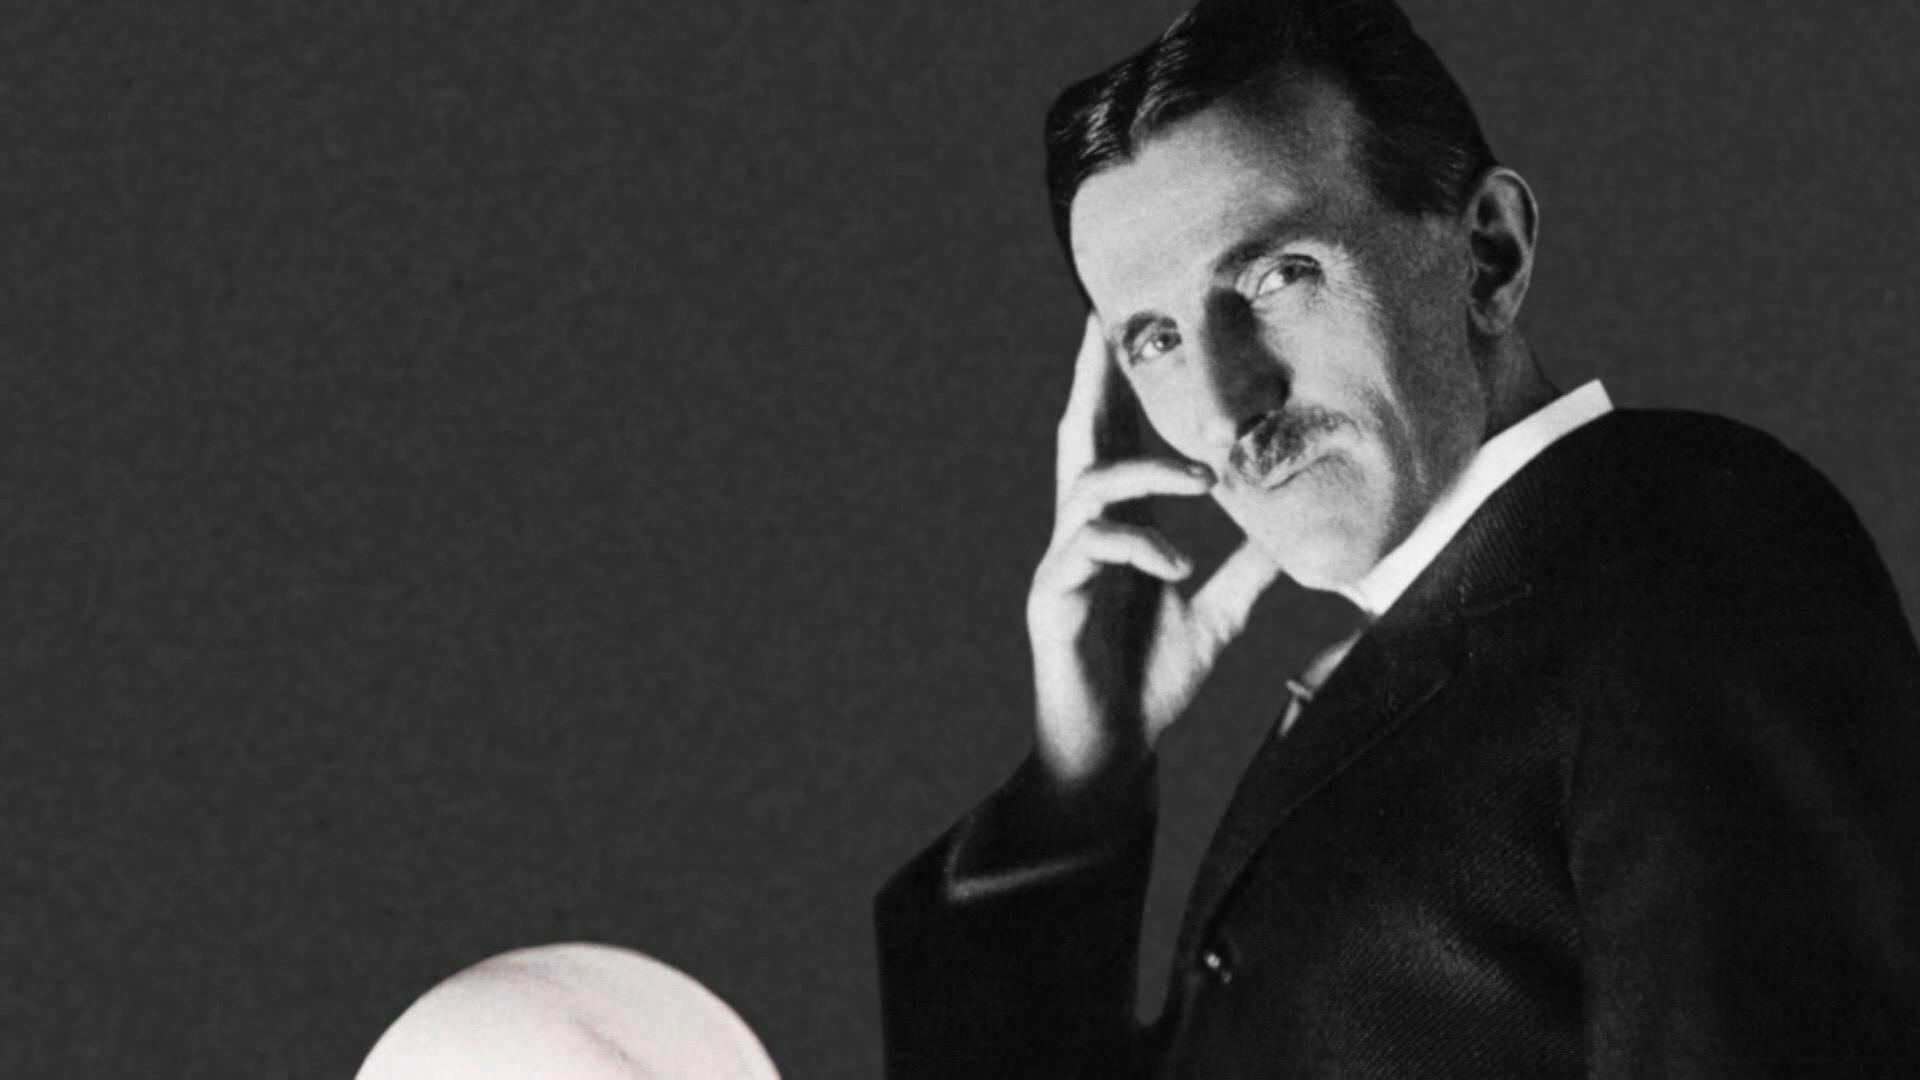 Ettore Majorana: Ipotesi sulla scomparsa. la morte di Tesla